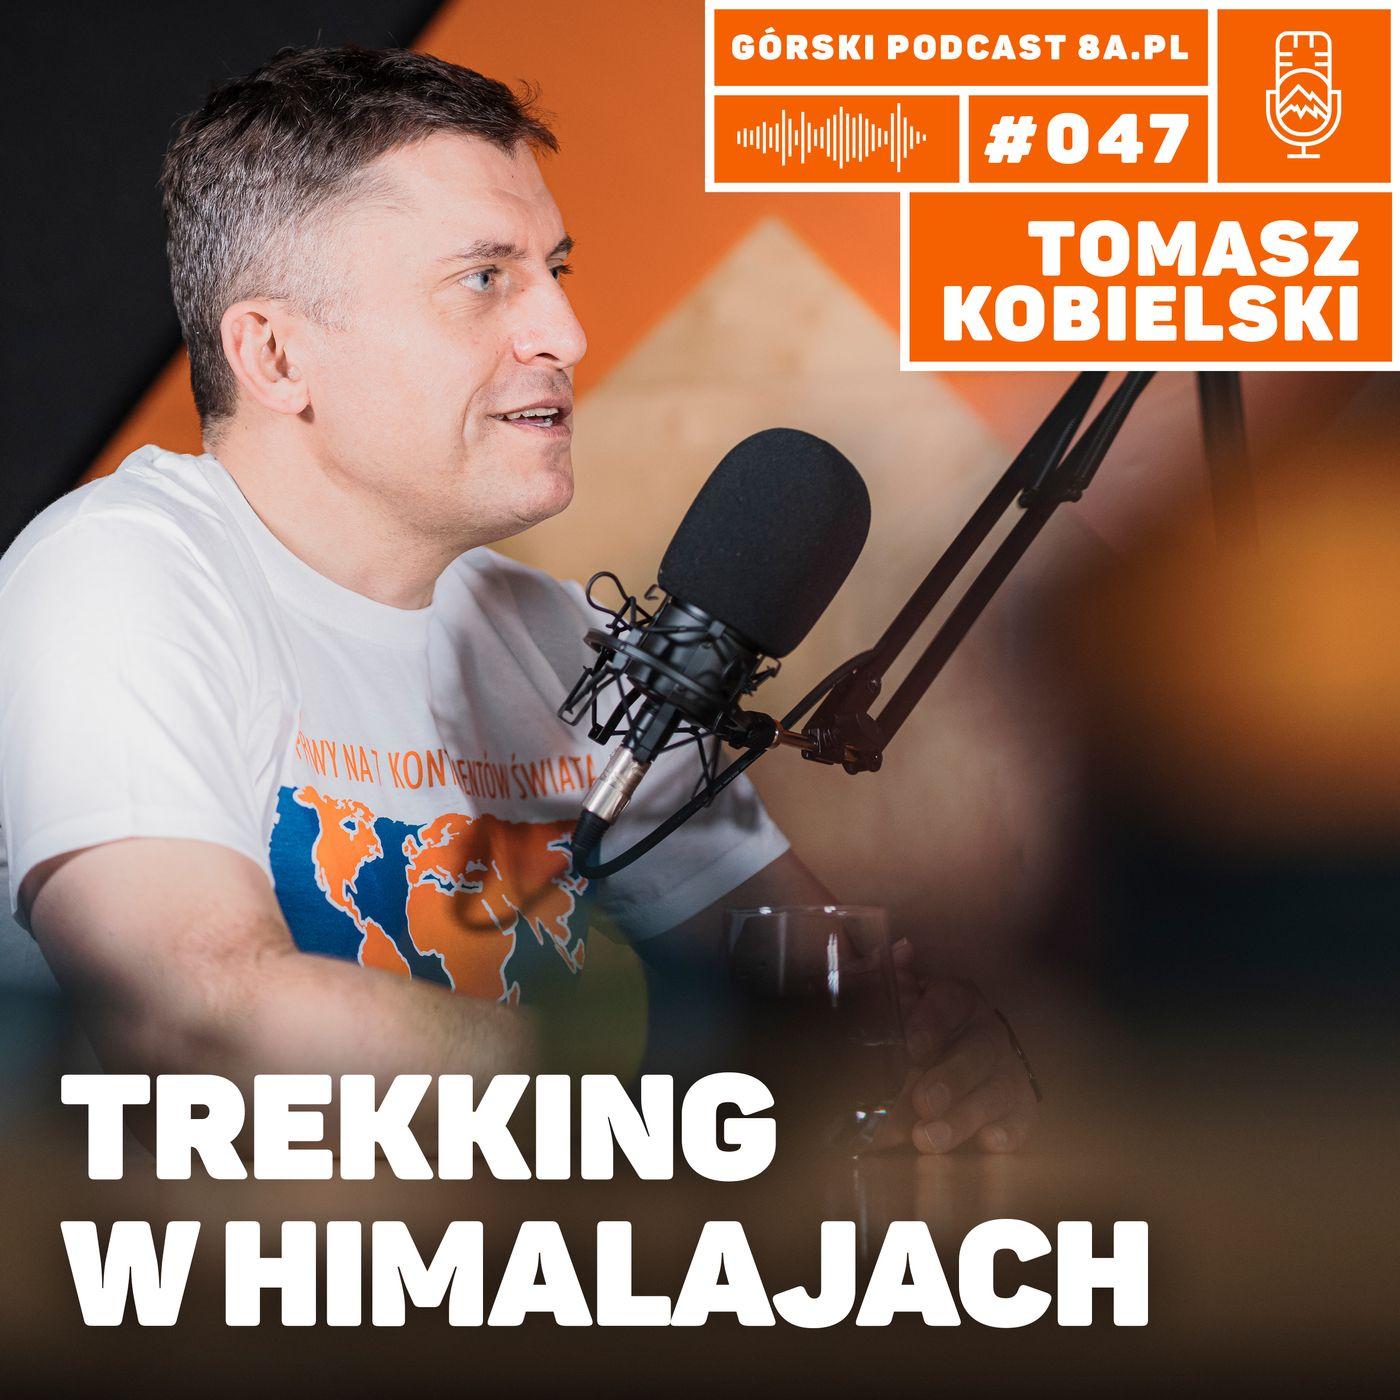 #047 8a.pl - Tomasz Kobielski. Trekking w Himalajach.